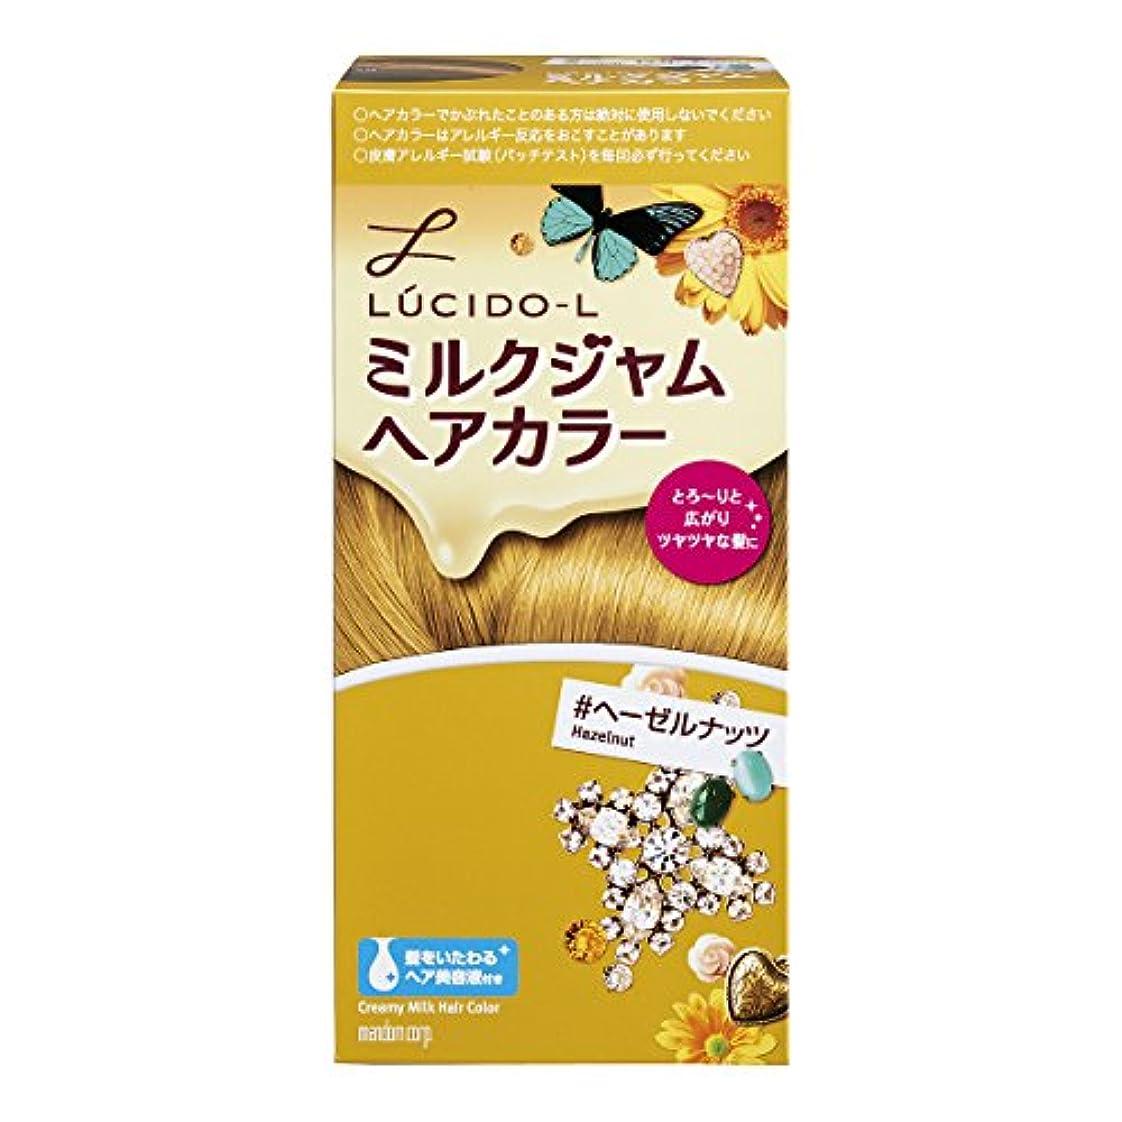 腐敗悔い改め大LUCIDO-L (ルシードエル) ミルクジャムヘアカラー #ヘーゼルナッツ (医薬部外品) (1剤40g 2剤80mL TR5g)